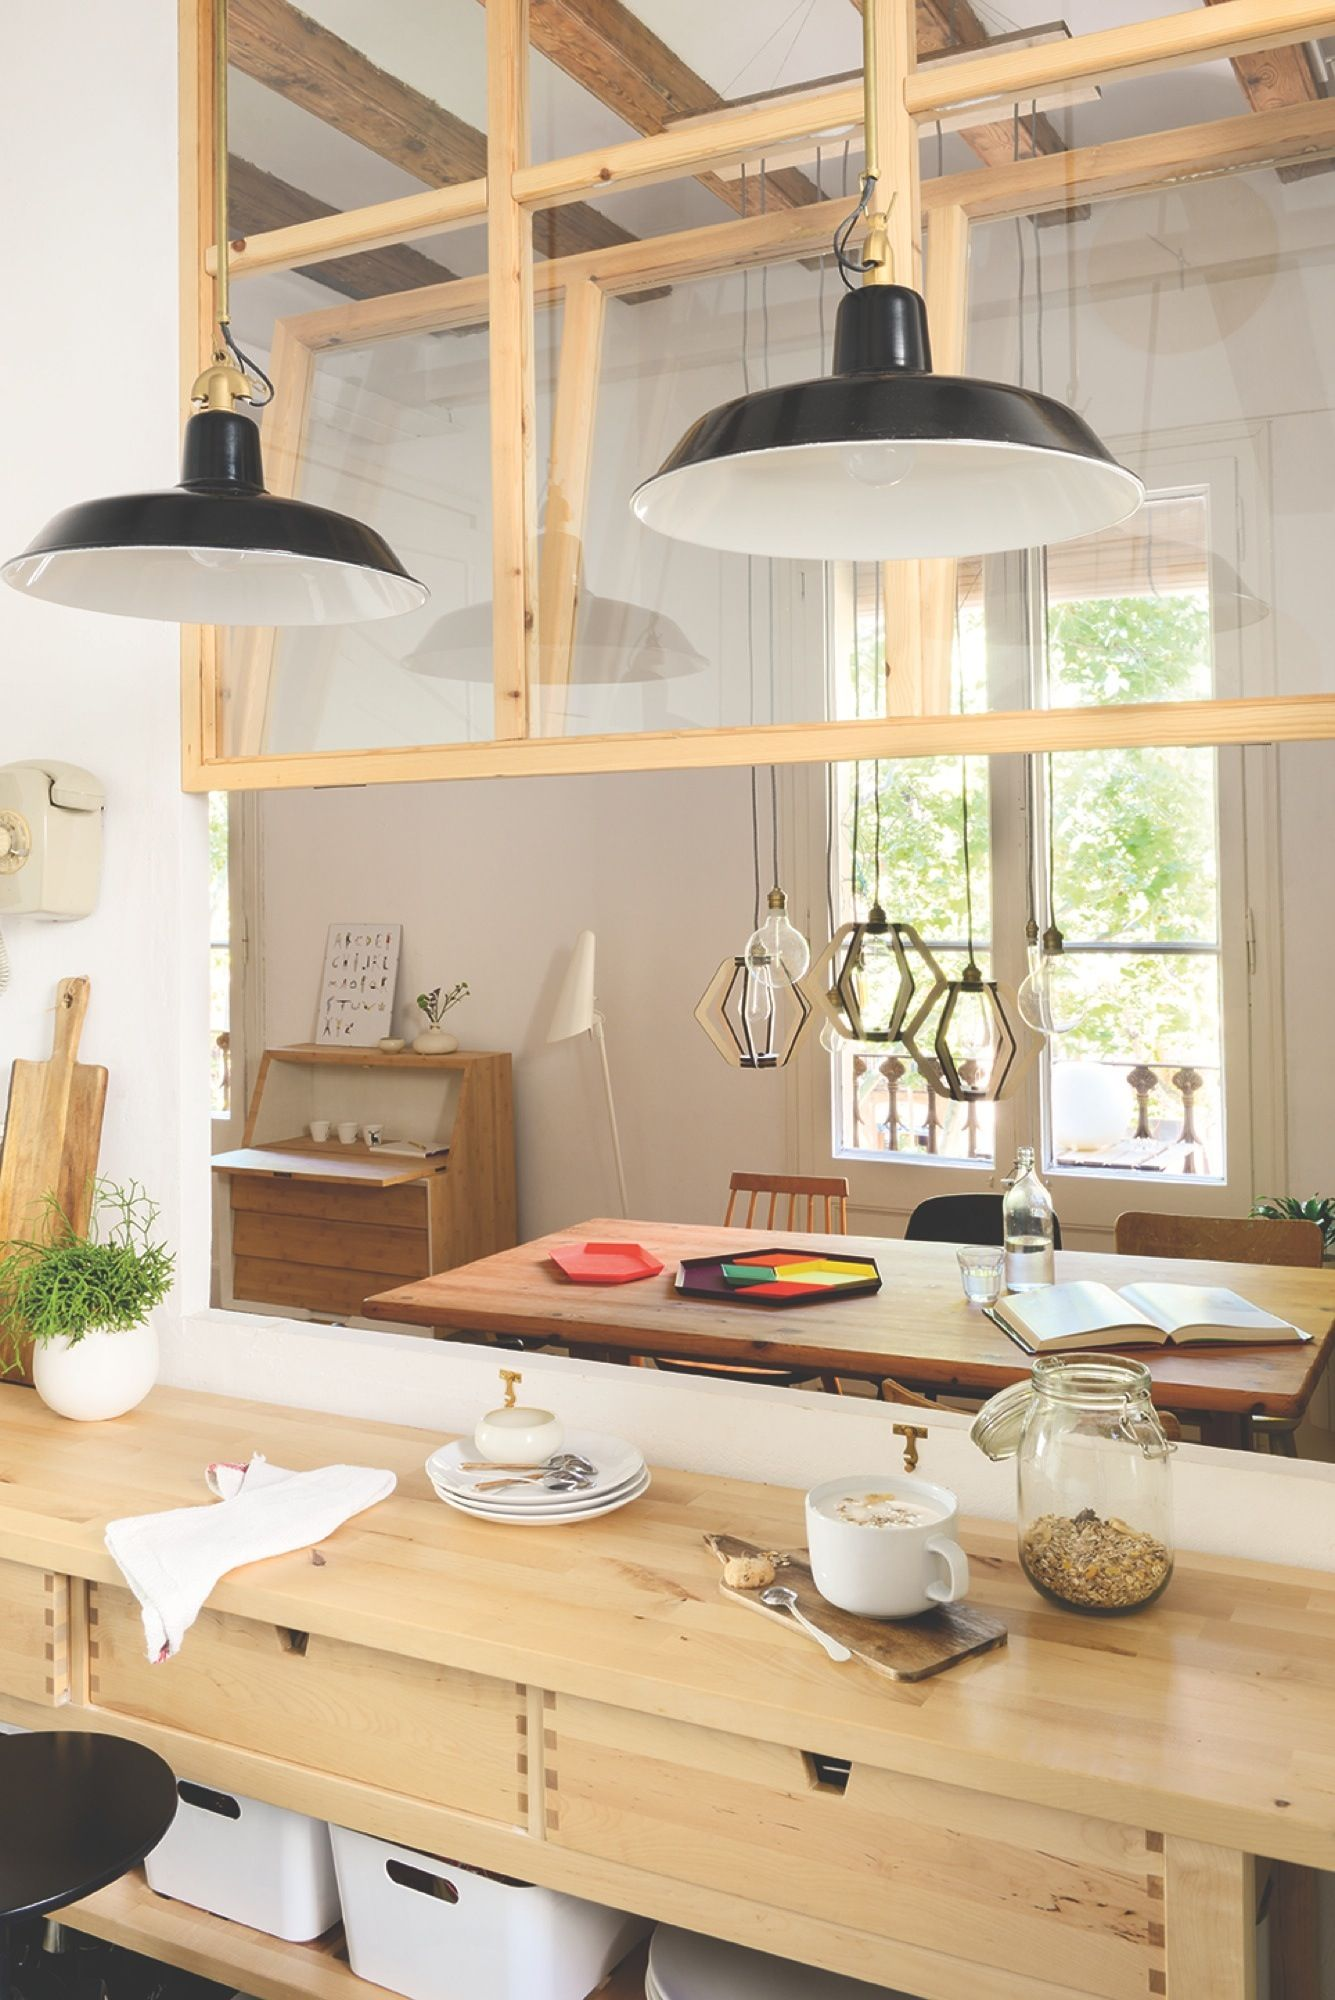 Cocina y comedor comunicados a trav s de pasaplatos con - Cocina salon separados cristal ...